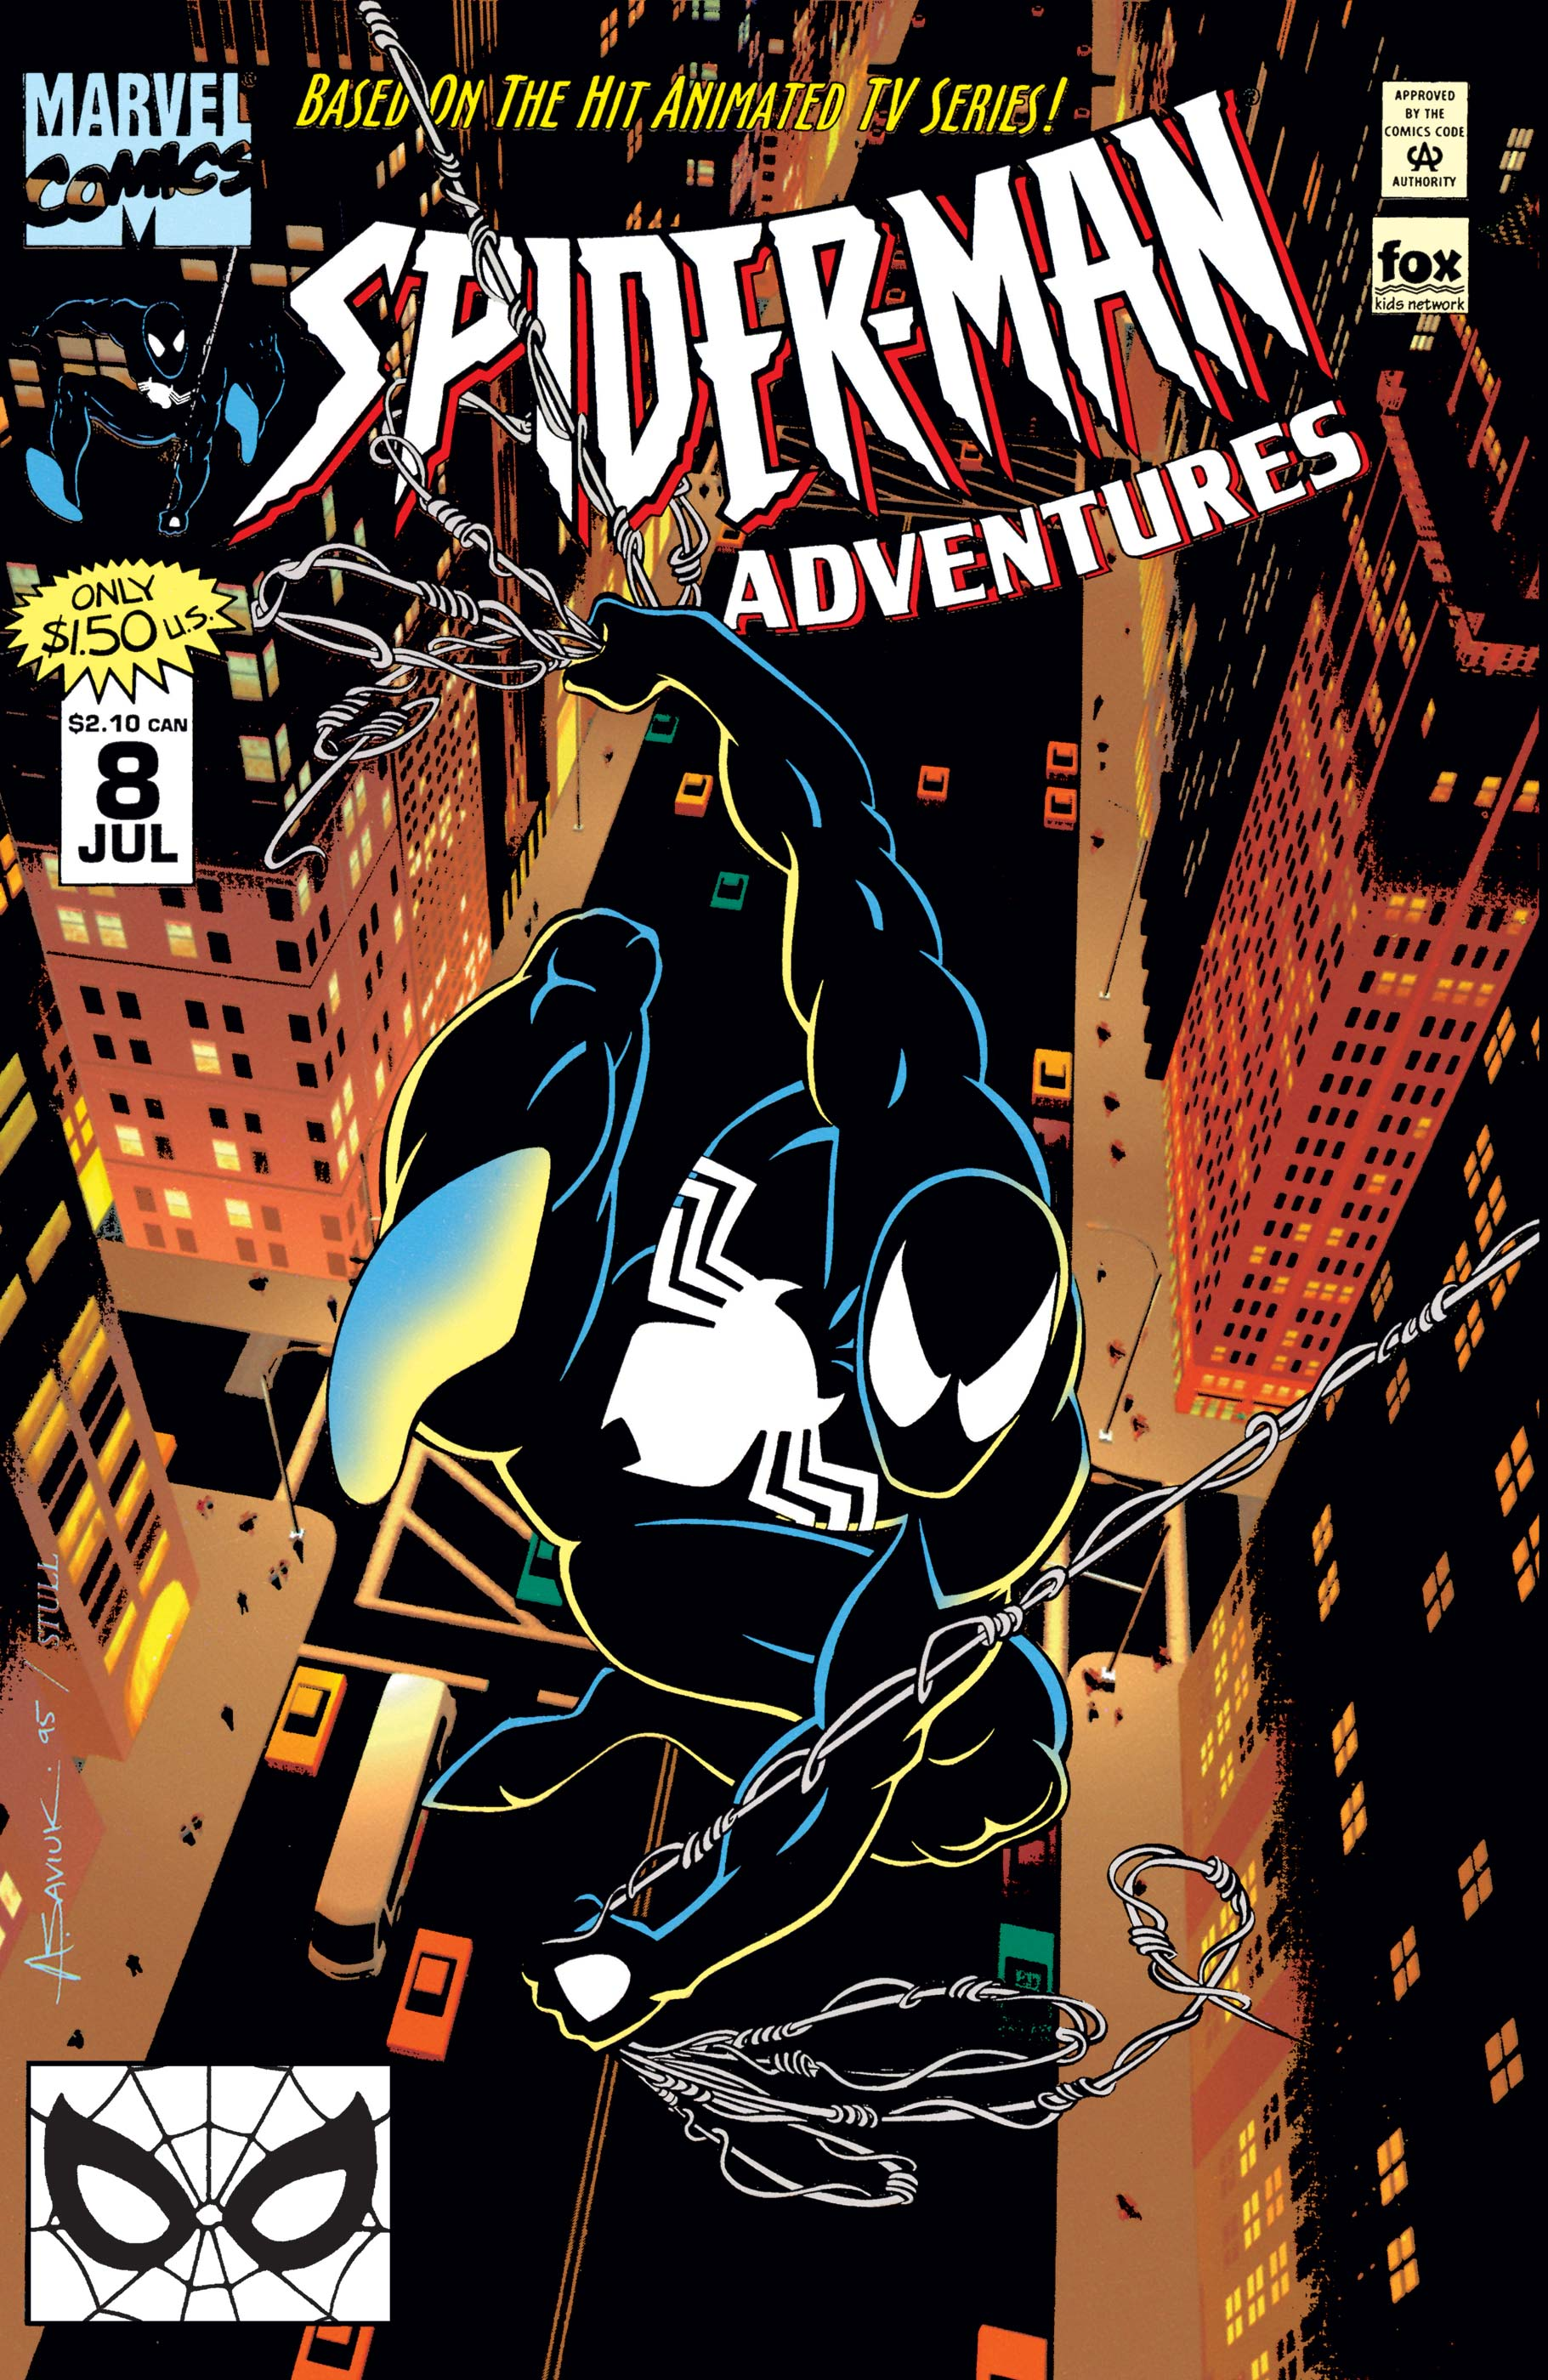 Spider-Man Adventures (1994) #8